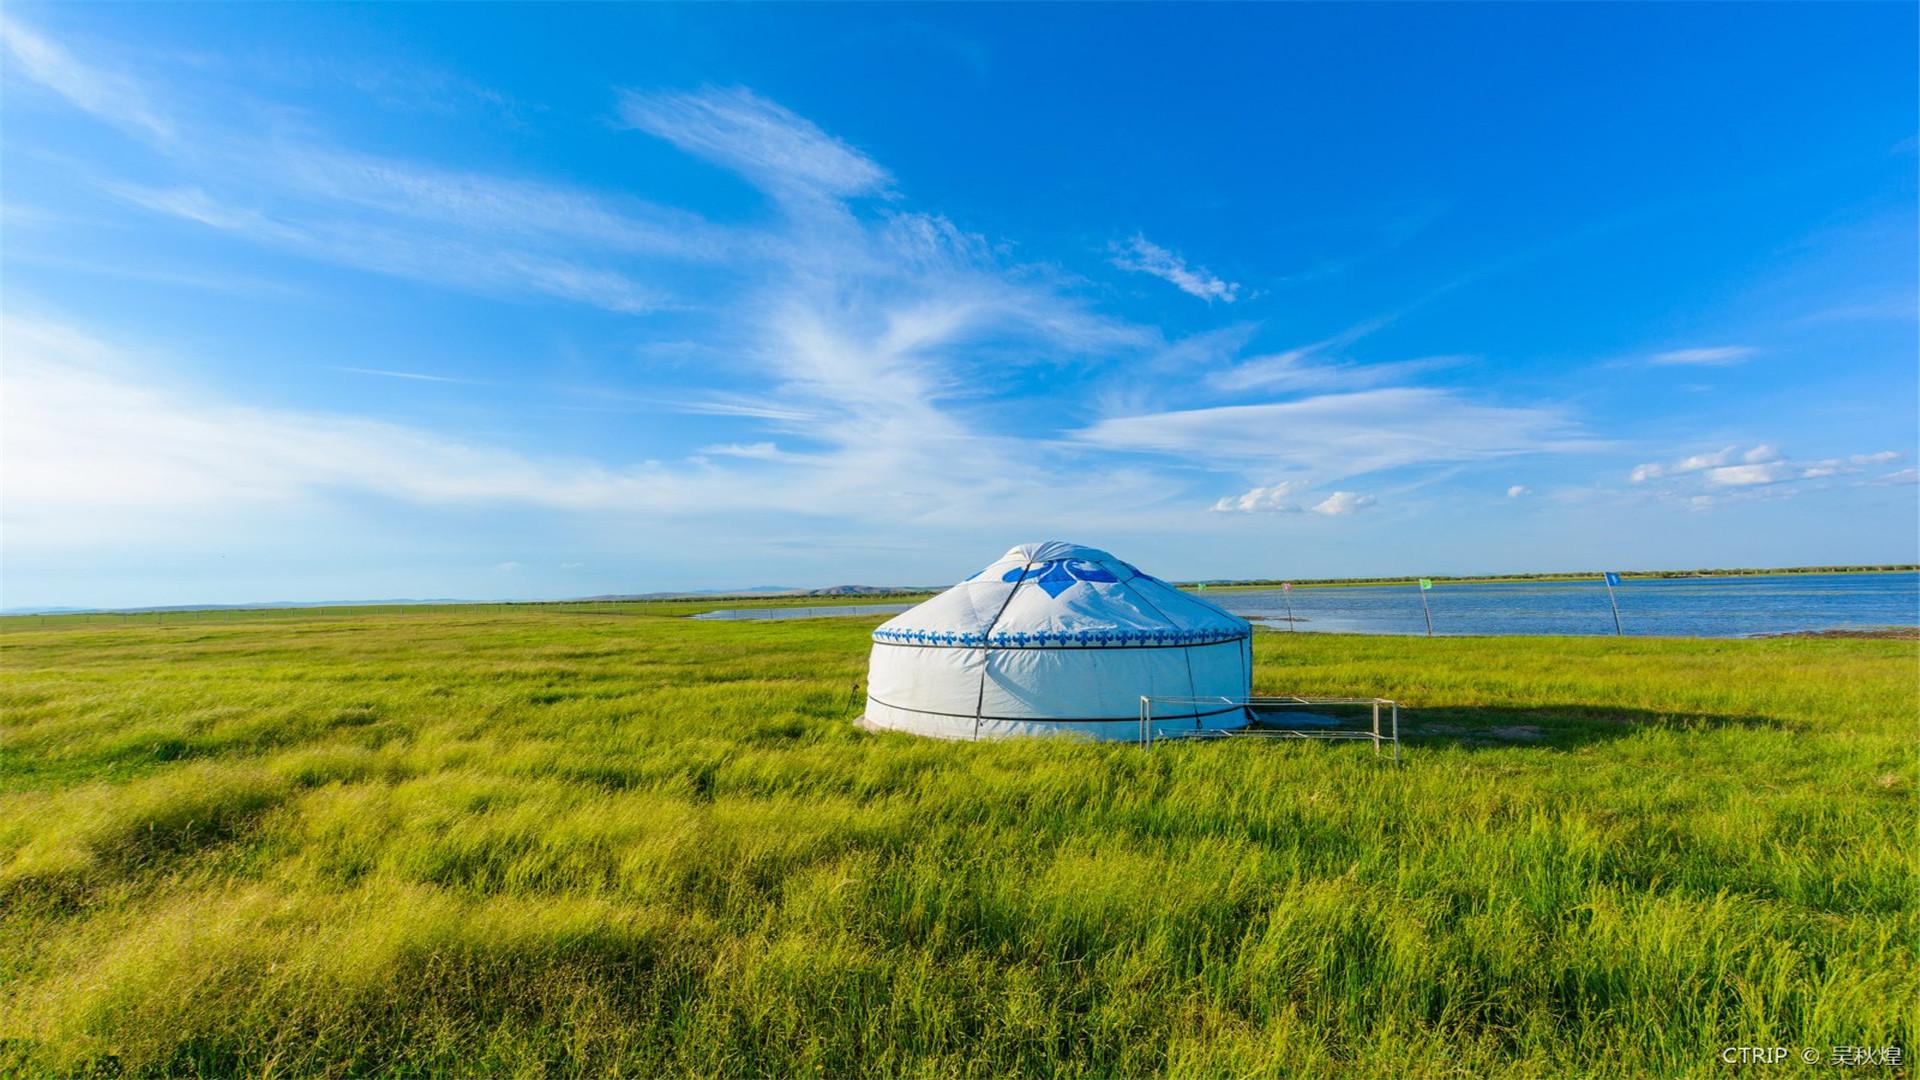 蒙古风景动态图片